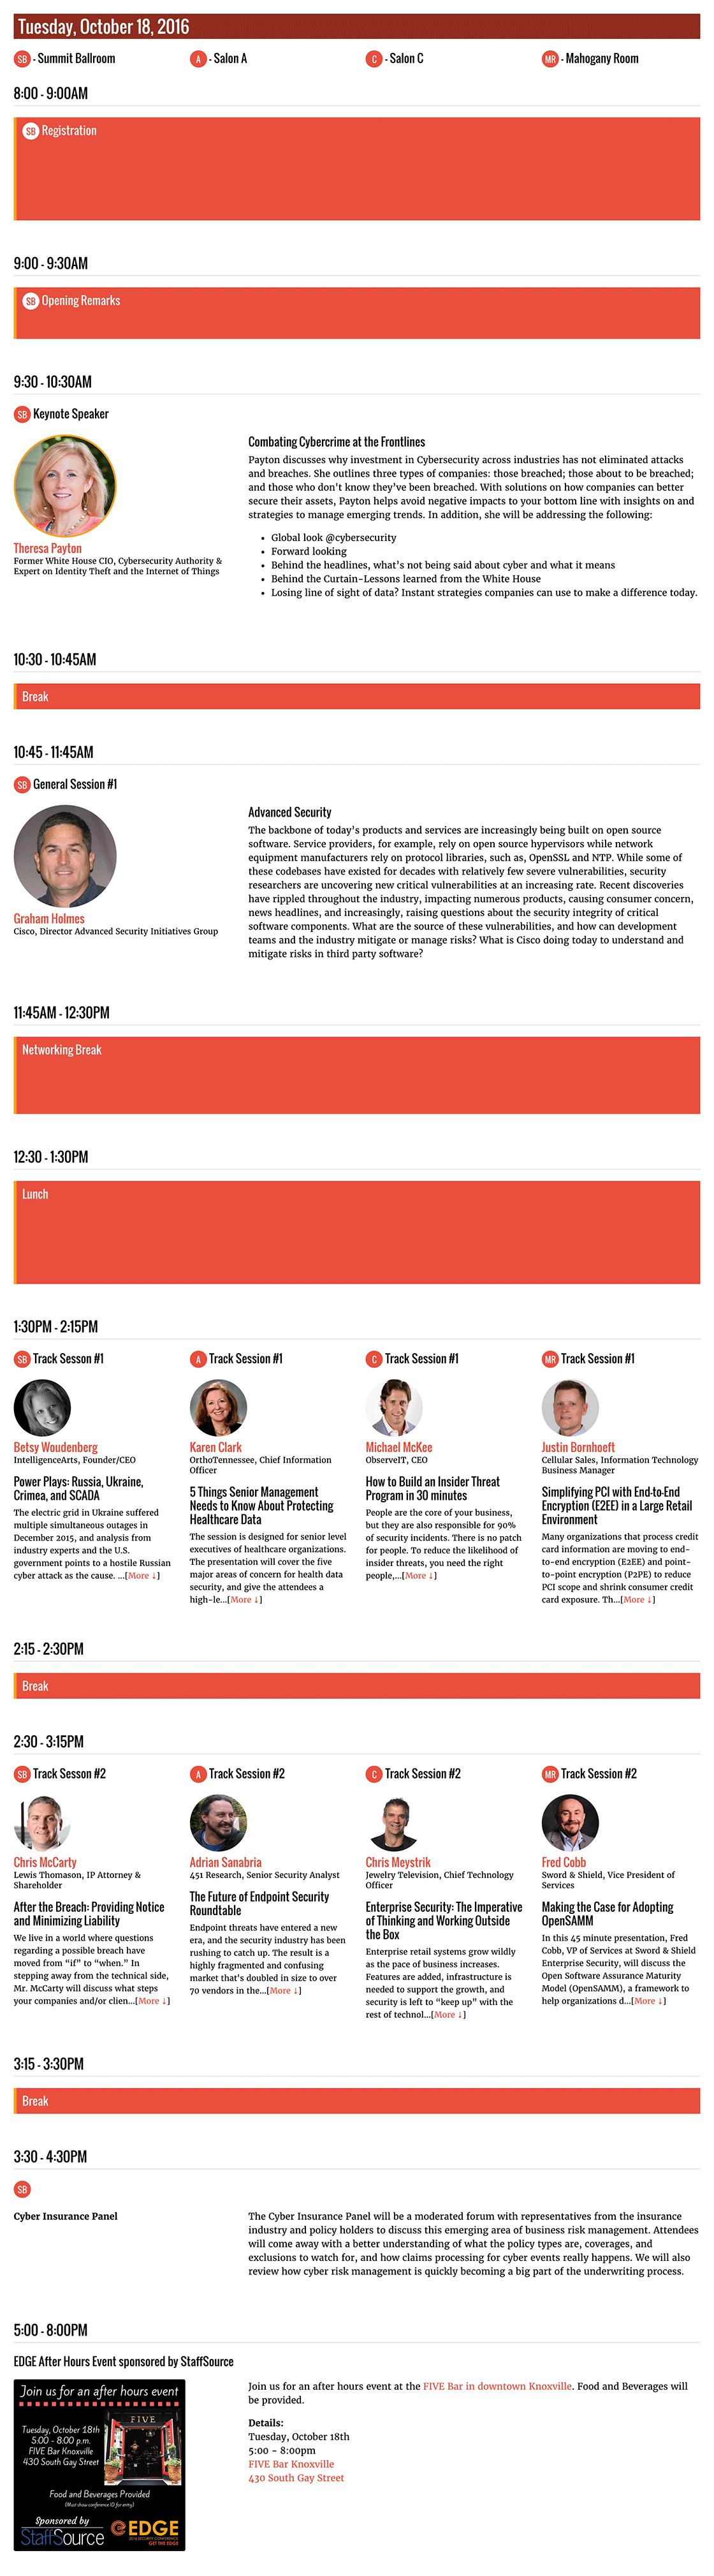 edge2016-agenda